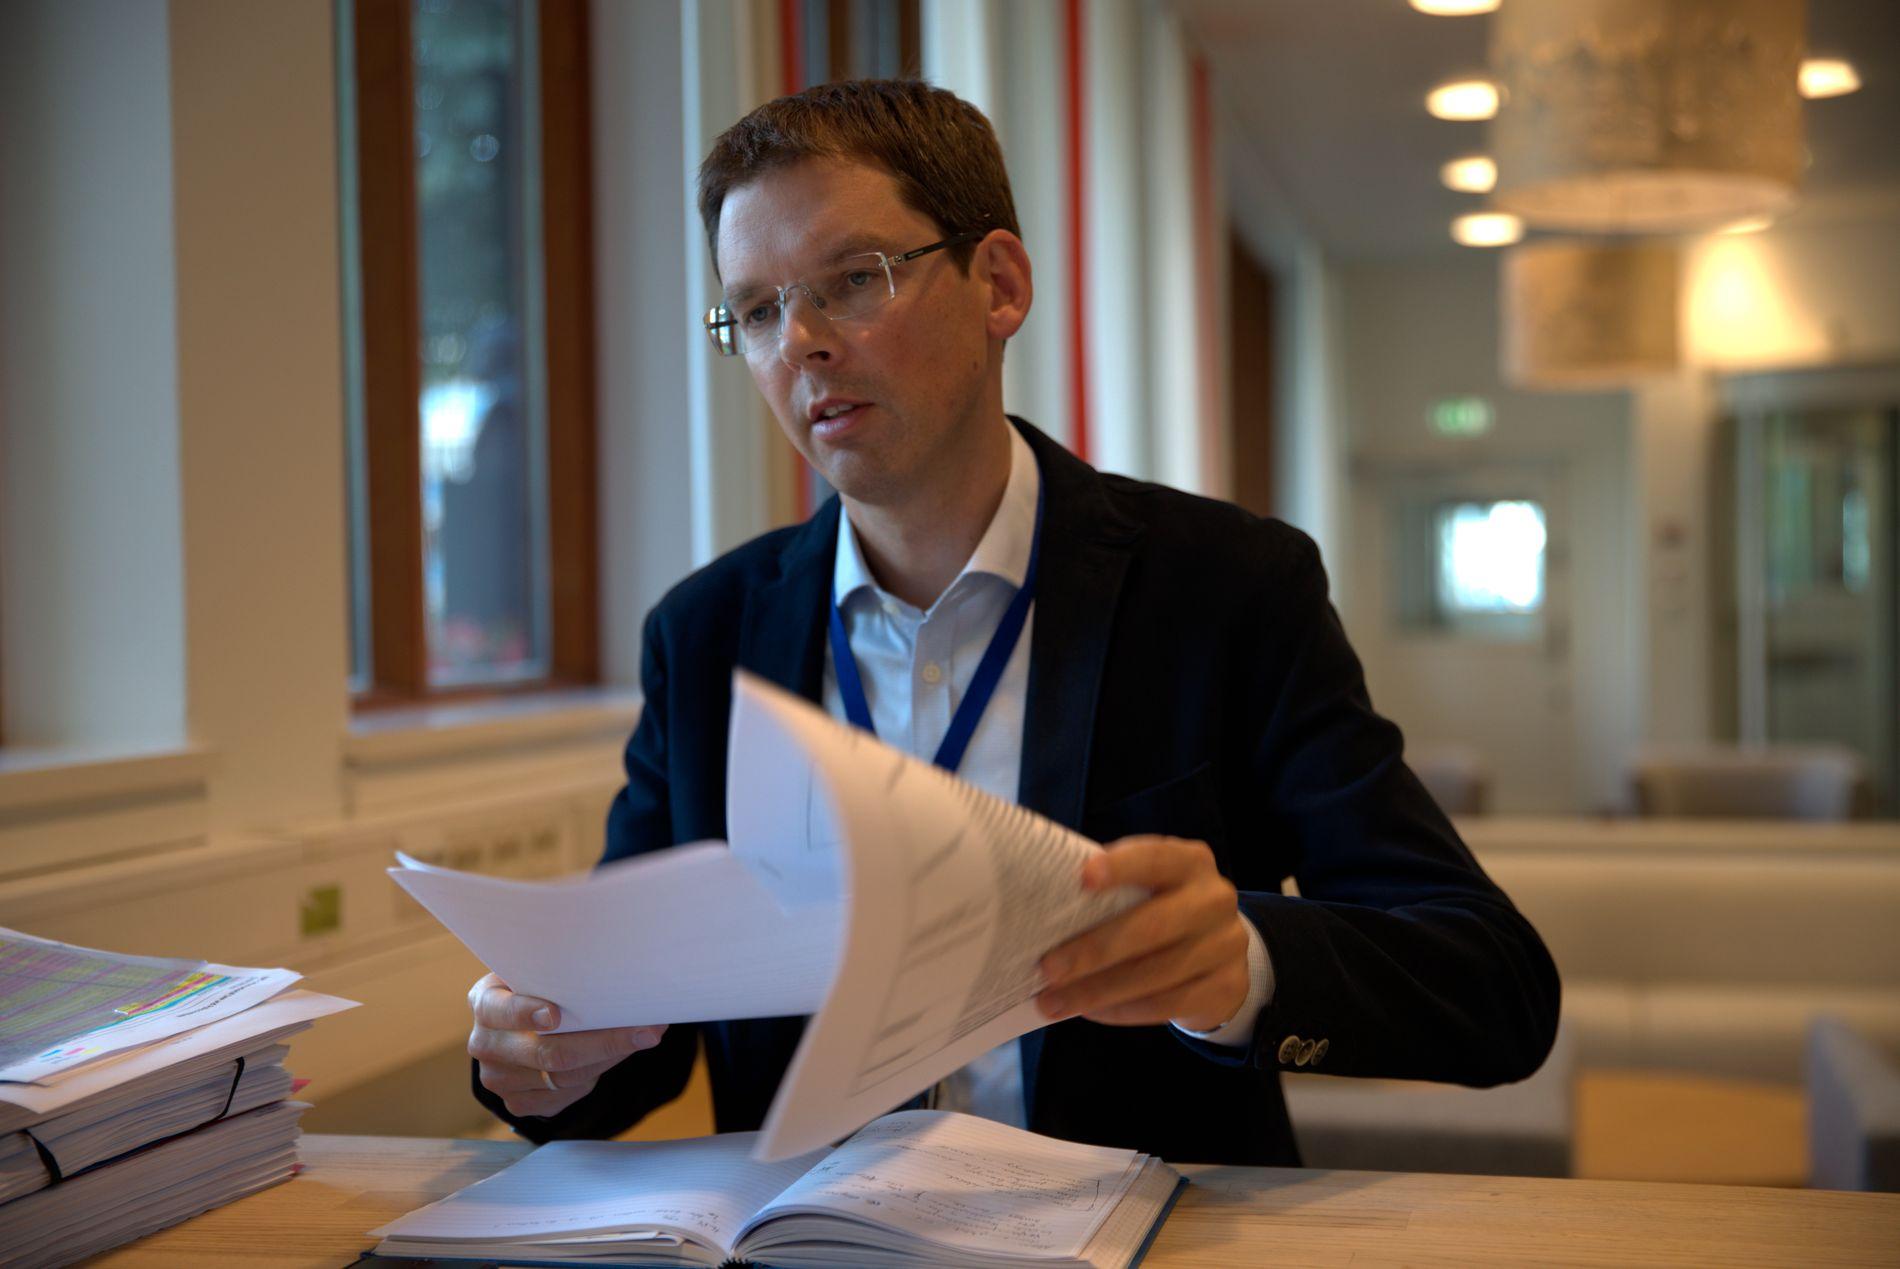 KOMMUNIKASJONSDIREKTØR: Frode O. Andersen leder Utenriksdepartementets kommunikasjonsavdeling.